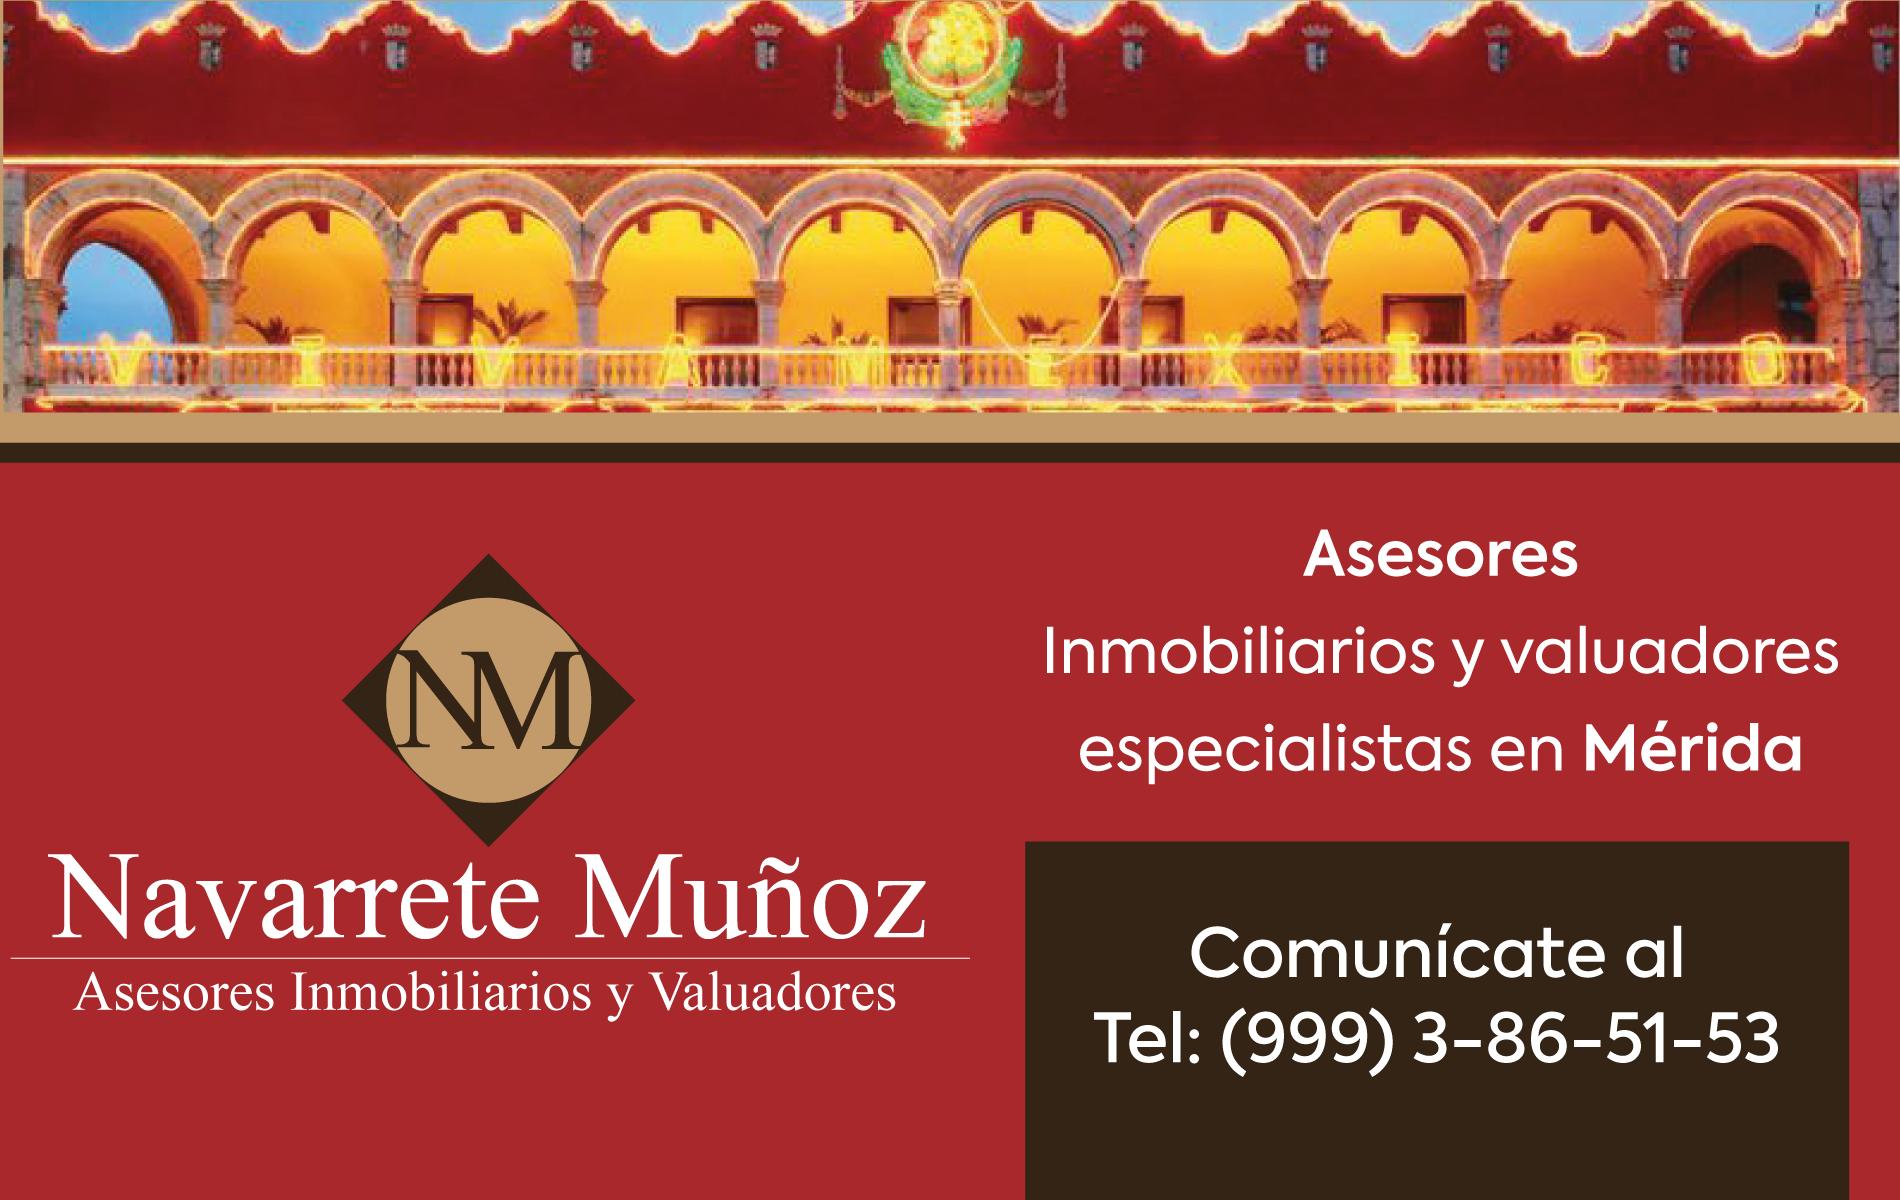 Navarrete Muñoz Asesores Inmobiliarios y Valuadores